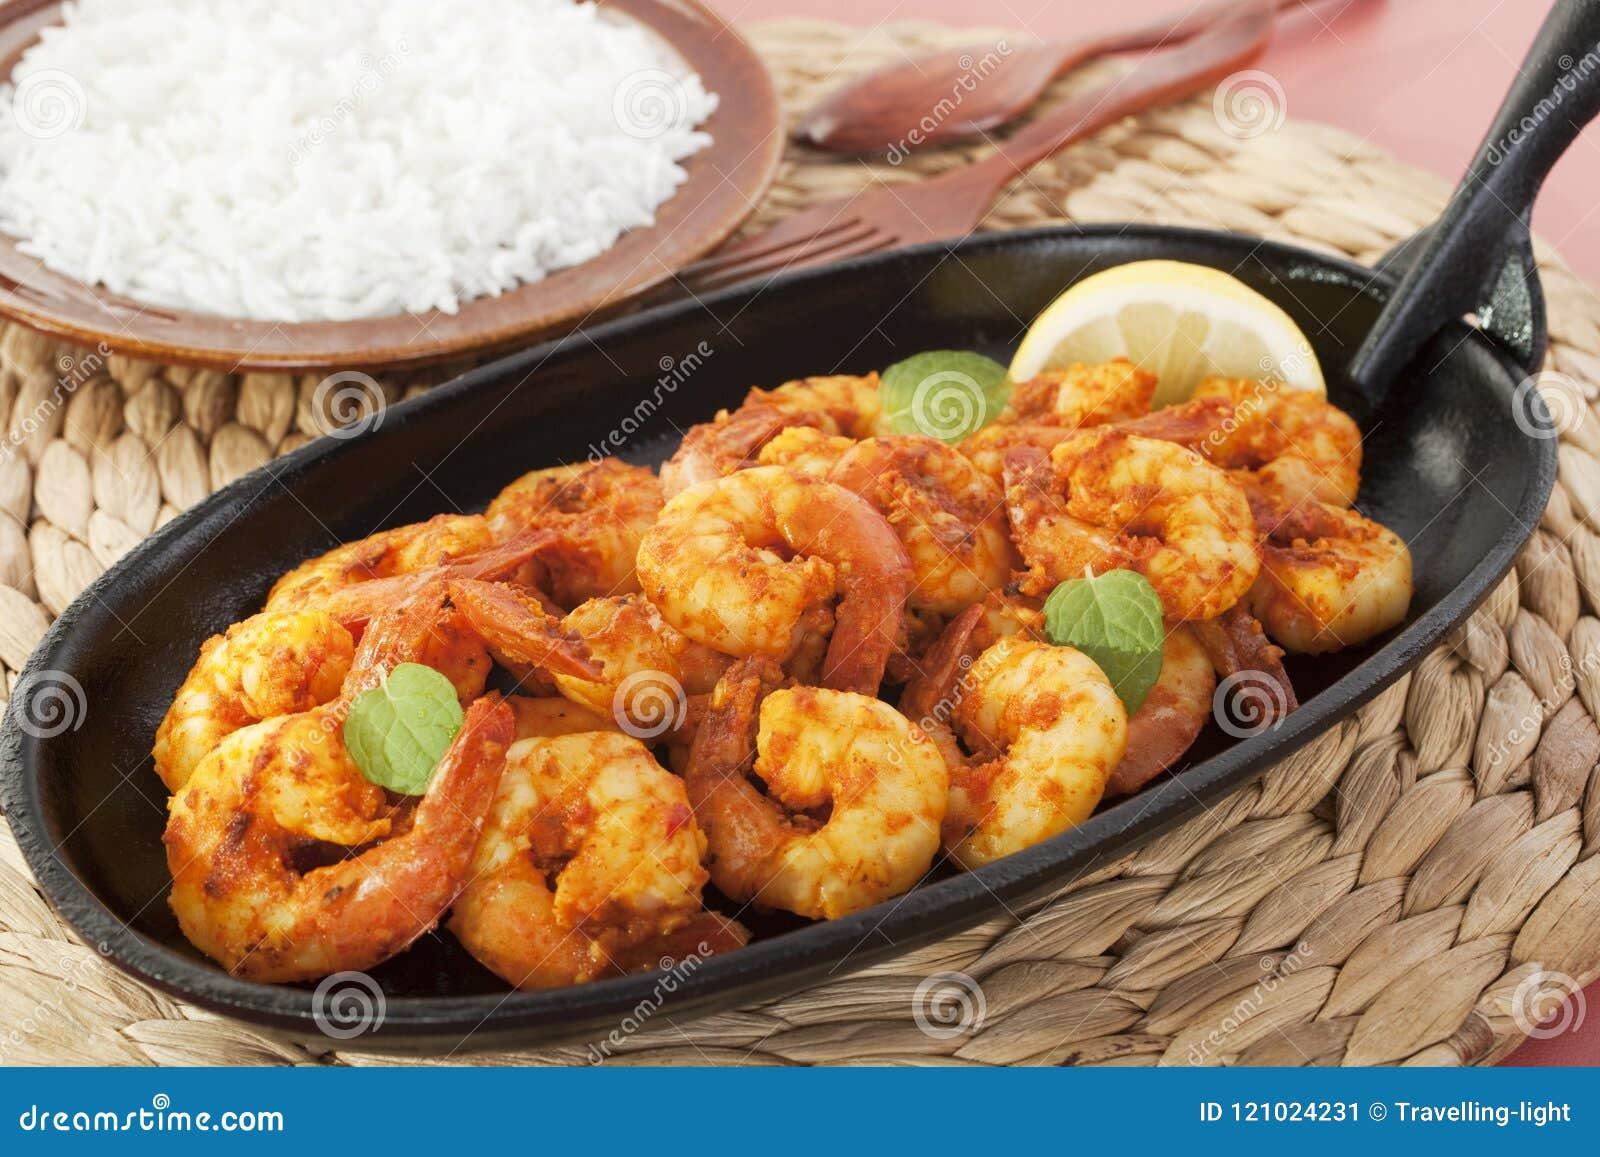 Tandoori Prawns Shrimp Indian Curry Food Meal